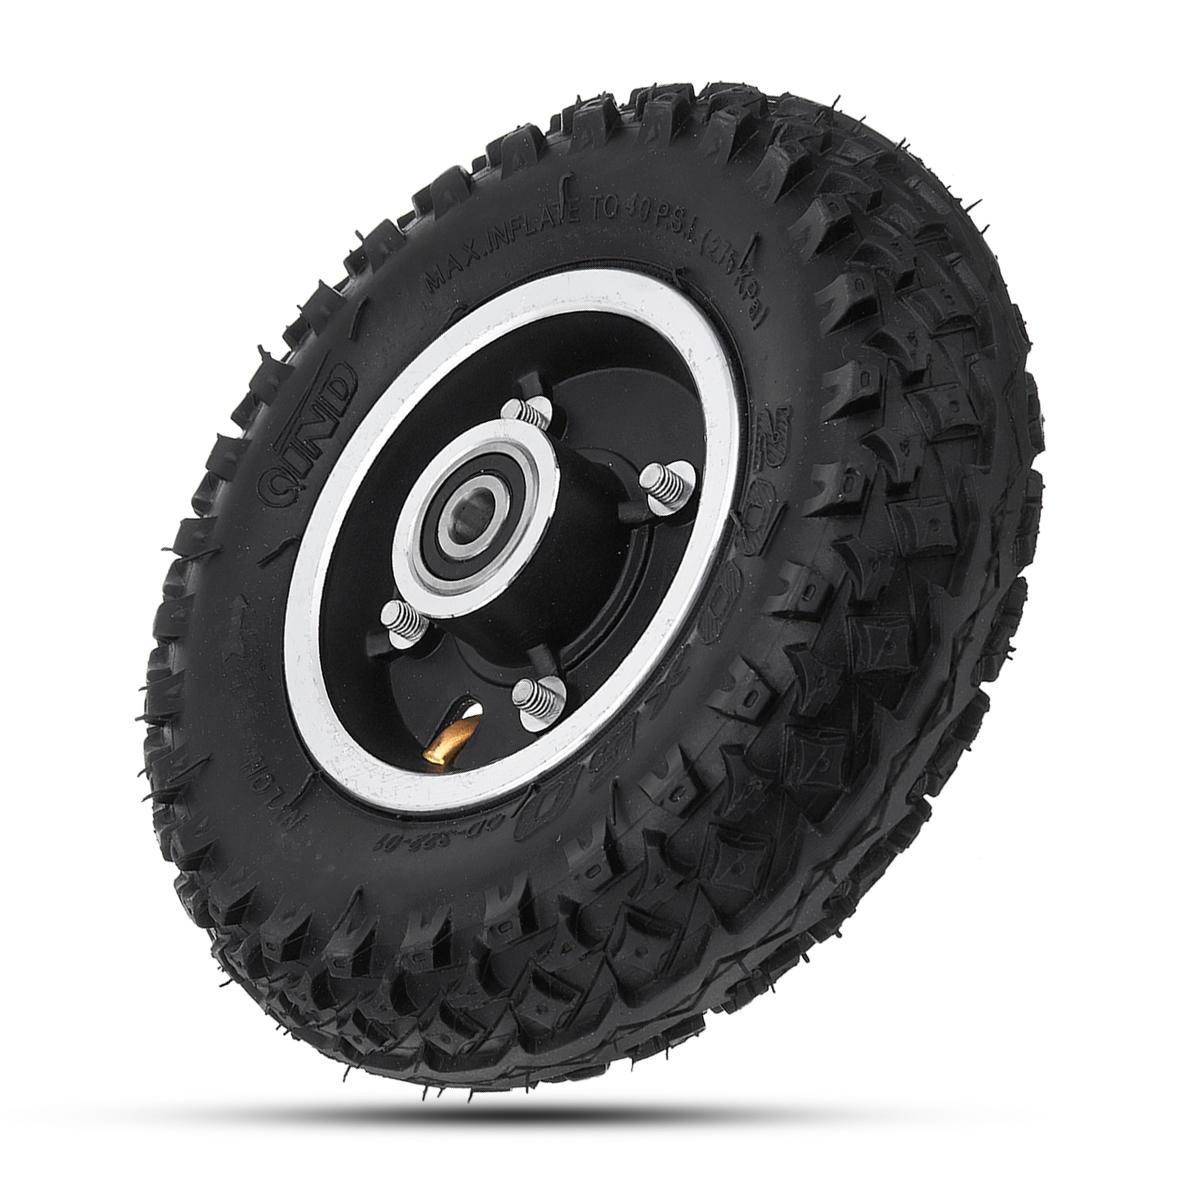 Caoutchouc gonflable de Longboard de 200 * 50mm outre de la roue de route pour la planche à roulettes électrique